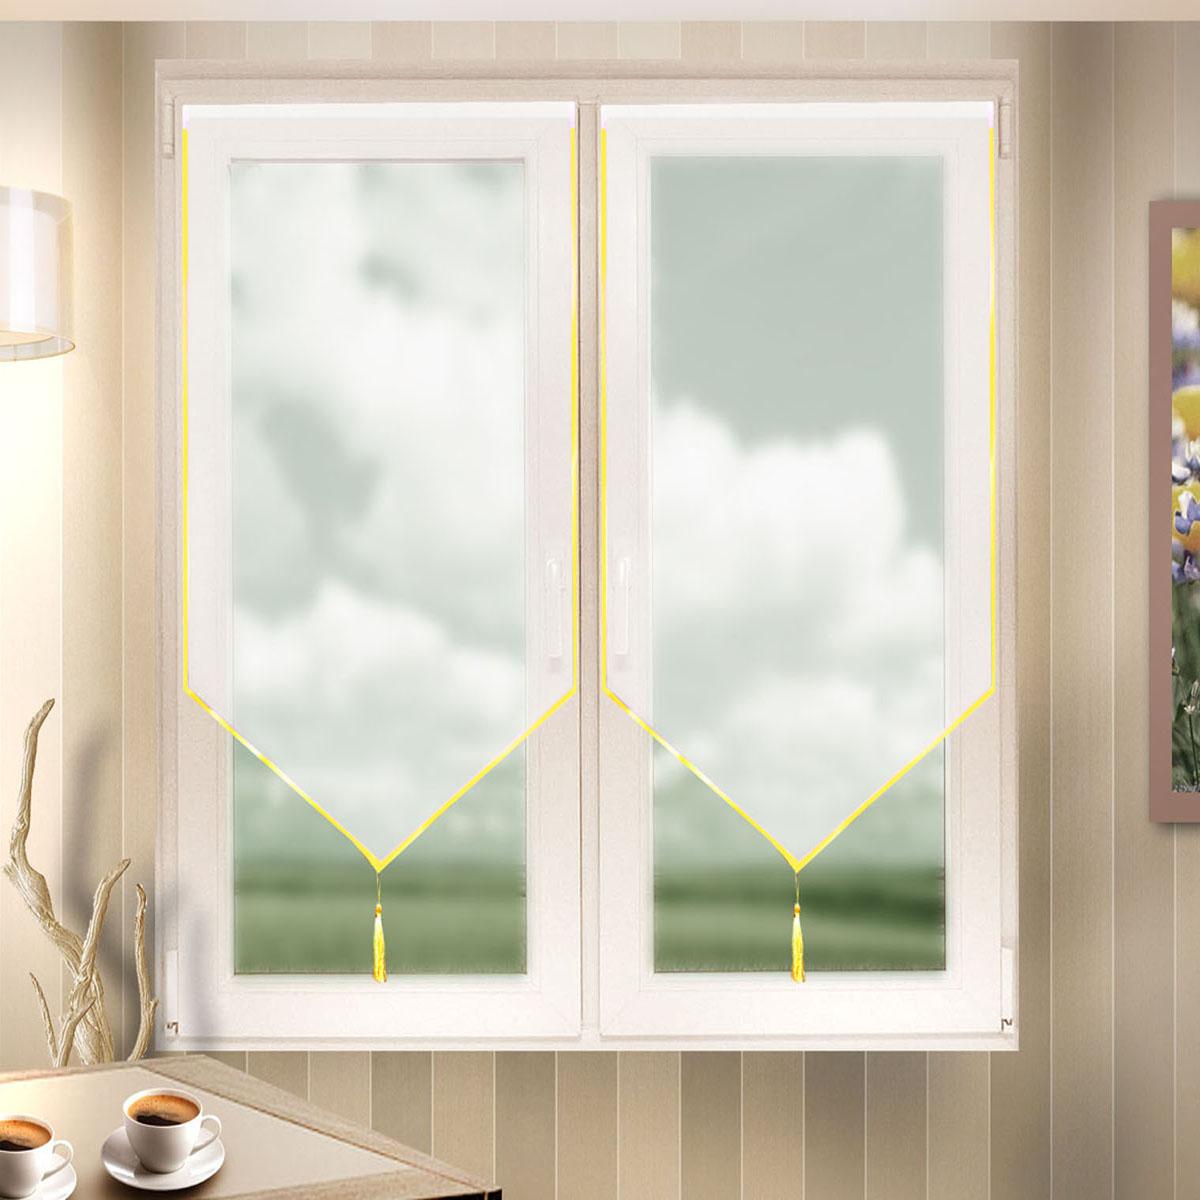 Гардина Zlata Korunka, цвет: белый, ширина 60 см, высота 90 см. 666022/2666022/2Лучшая альтернатива рулонным шторам на кухне – шторы на липкой ленте. Особенность этих штор заключается в том, что они имеют липкую основу в месте крепления . Лента или основа надежно и быстро крепится на раму окна, а на нее фиксируется сама штора. Размеры: ширина 60* высота 90